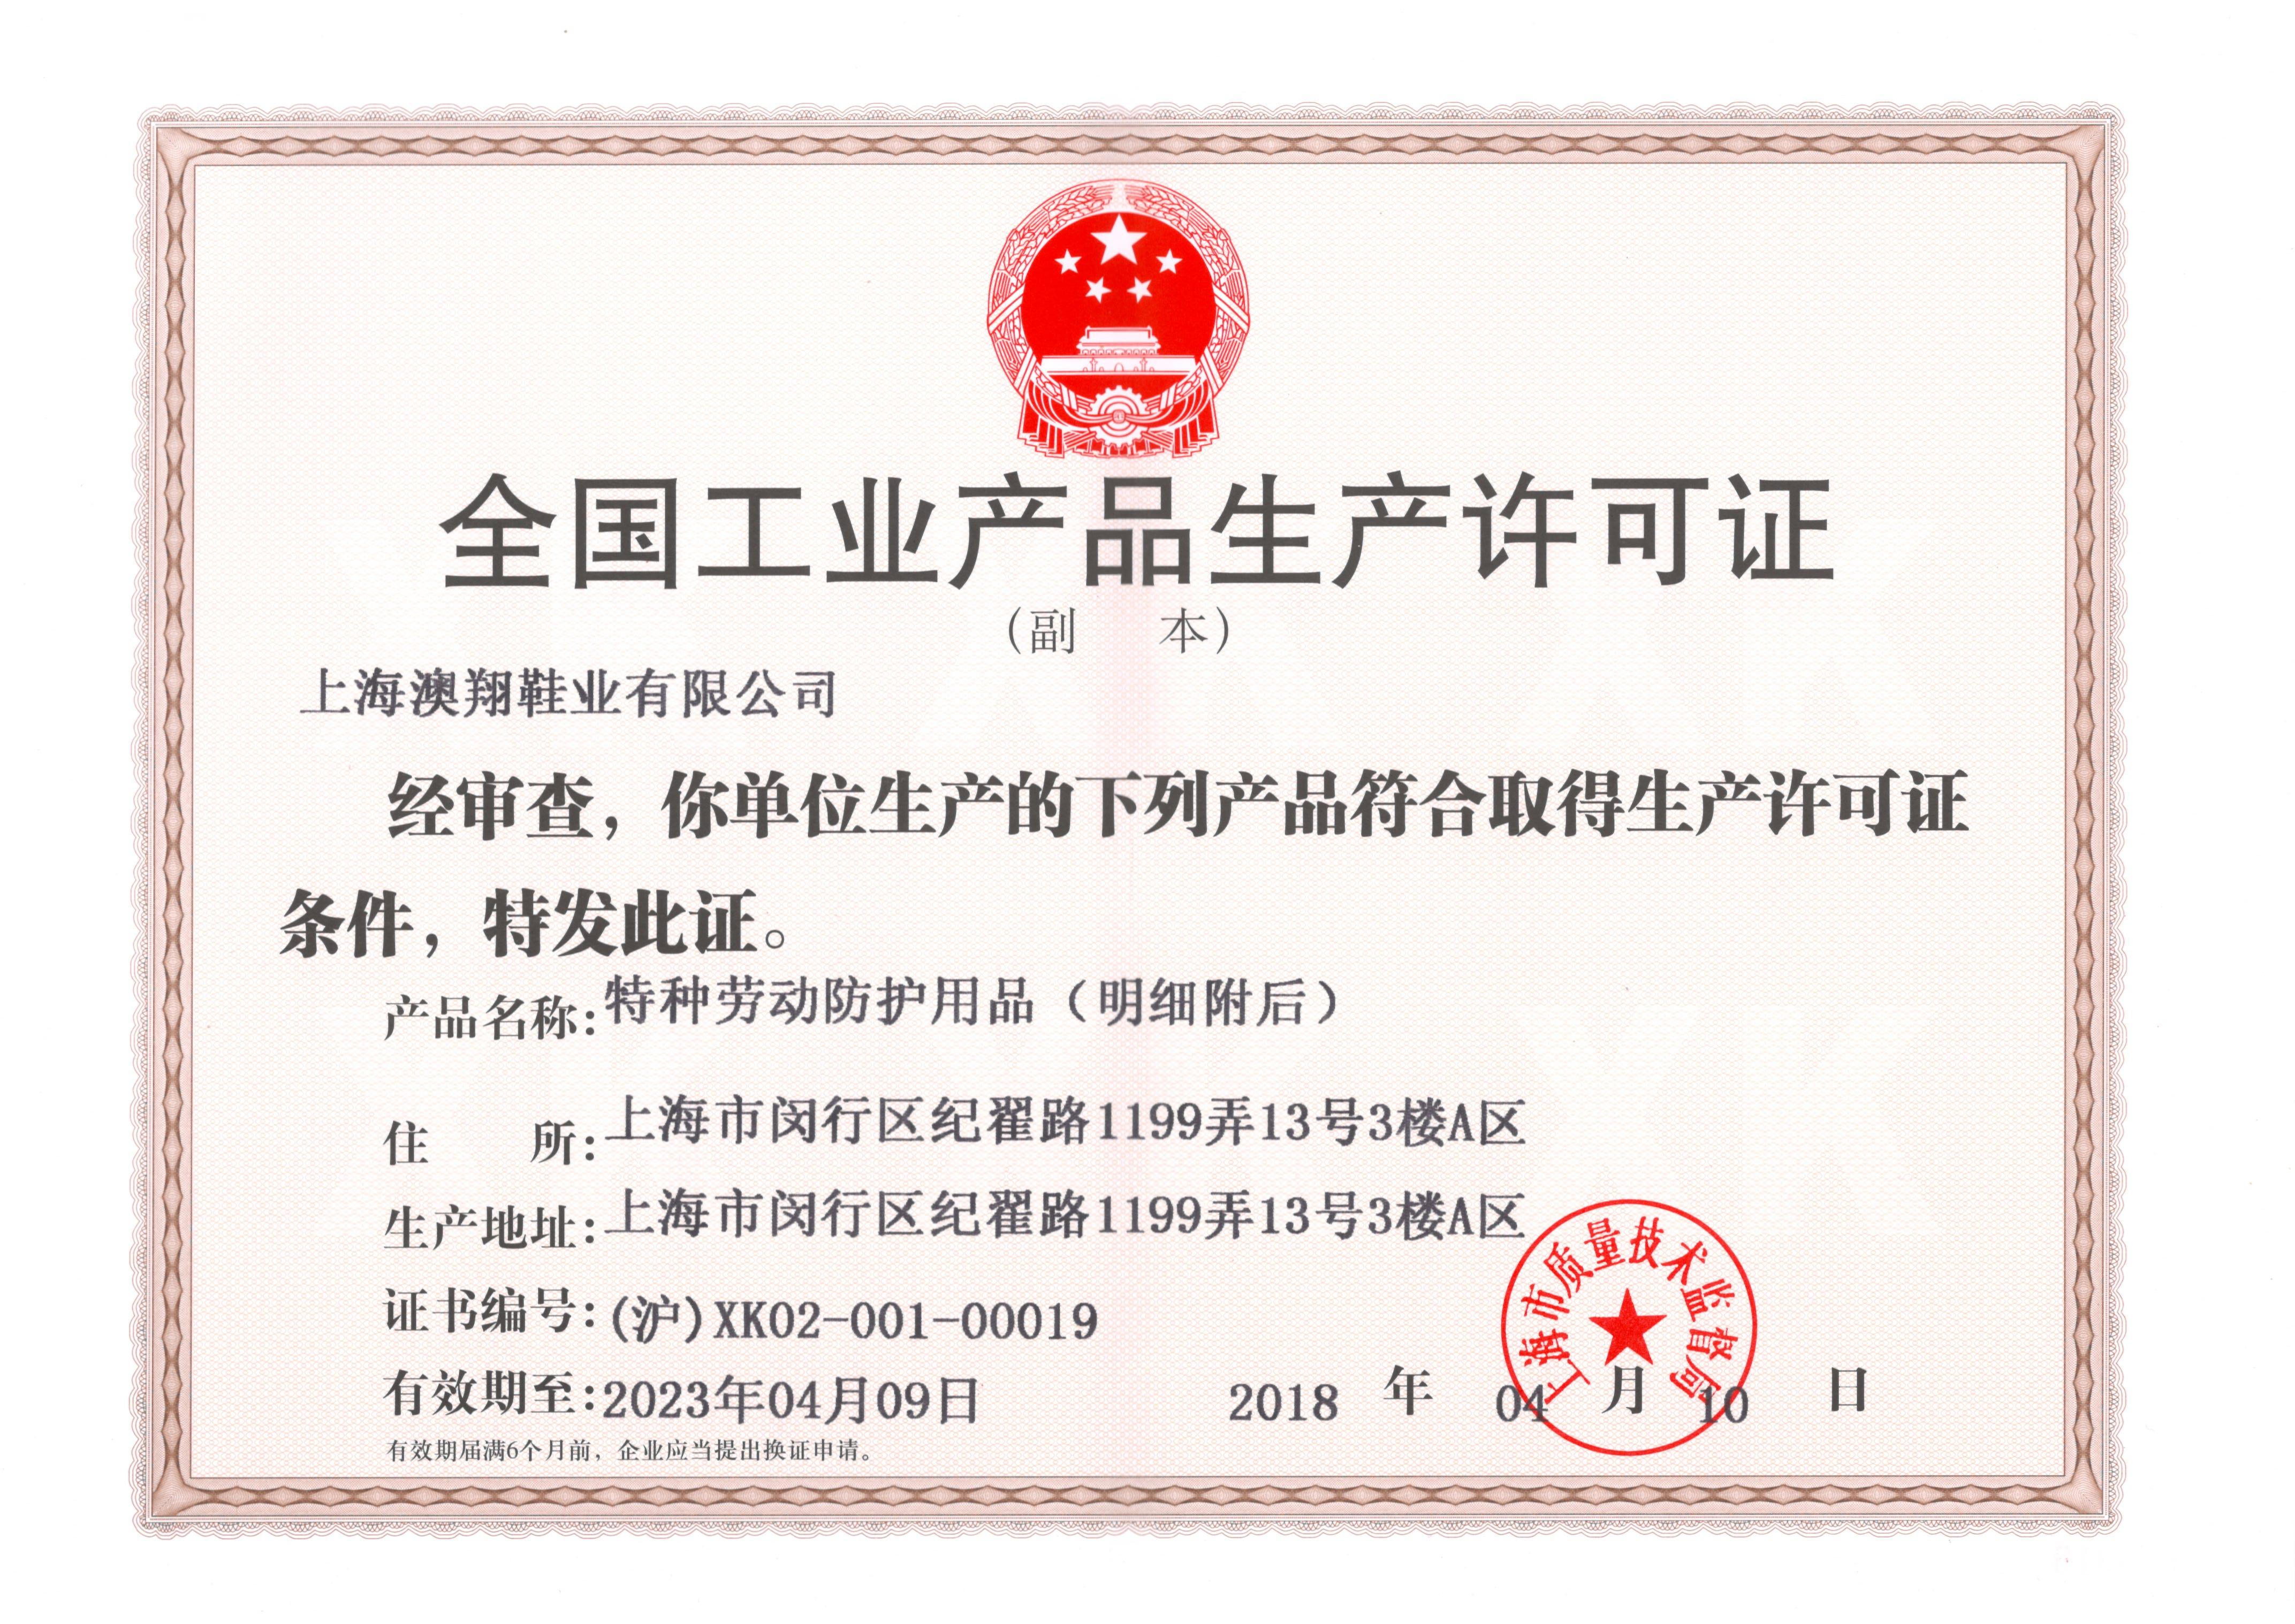 特种防护劳动用品生产许可证